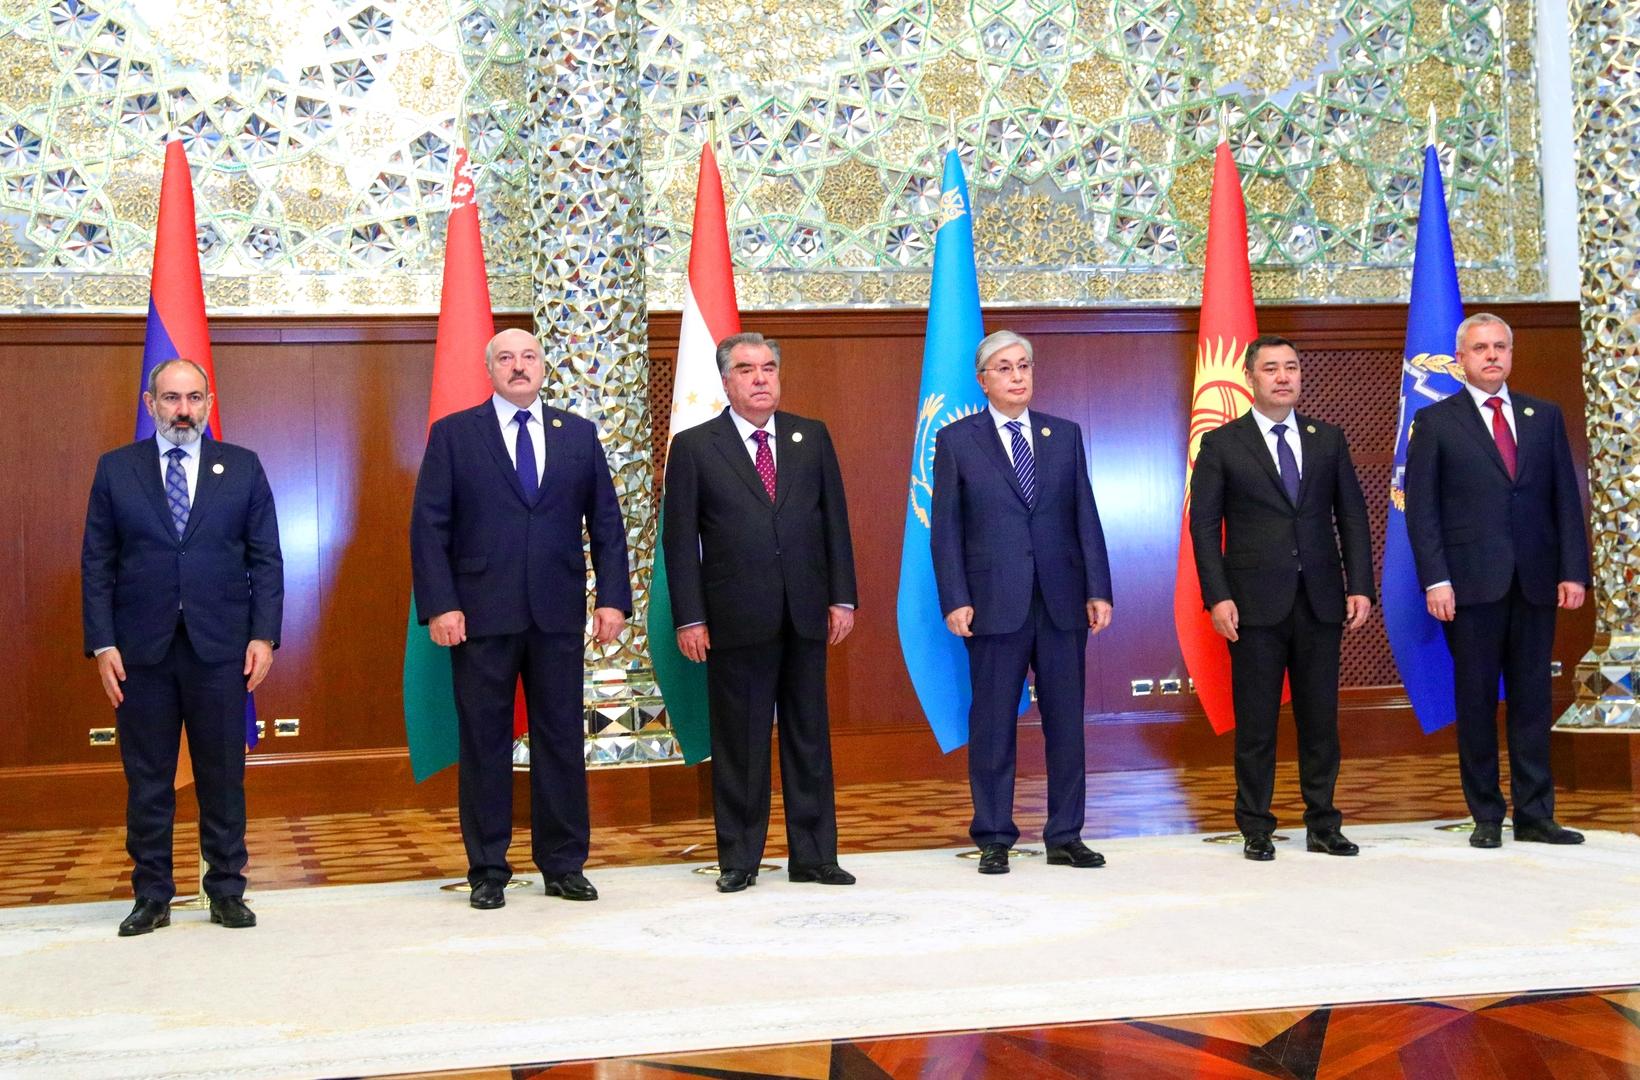 قادة منظمة معاهدة الأمن الجماعي يوافقون على خطة لتجهيز القوات المشتركة بالأسلحة الحديثة